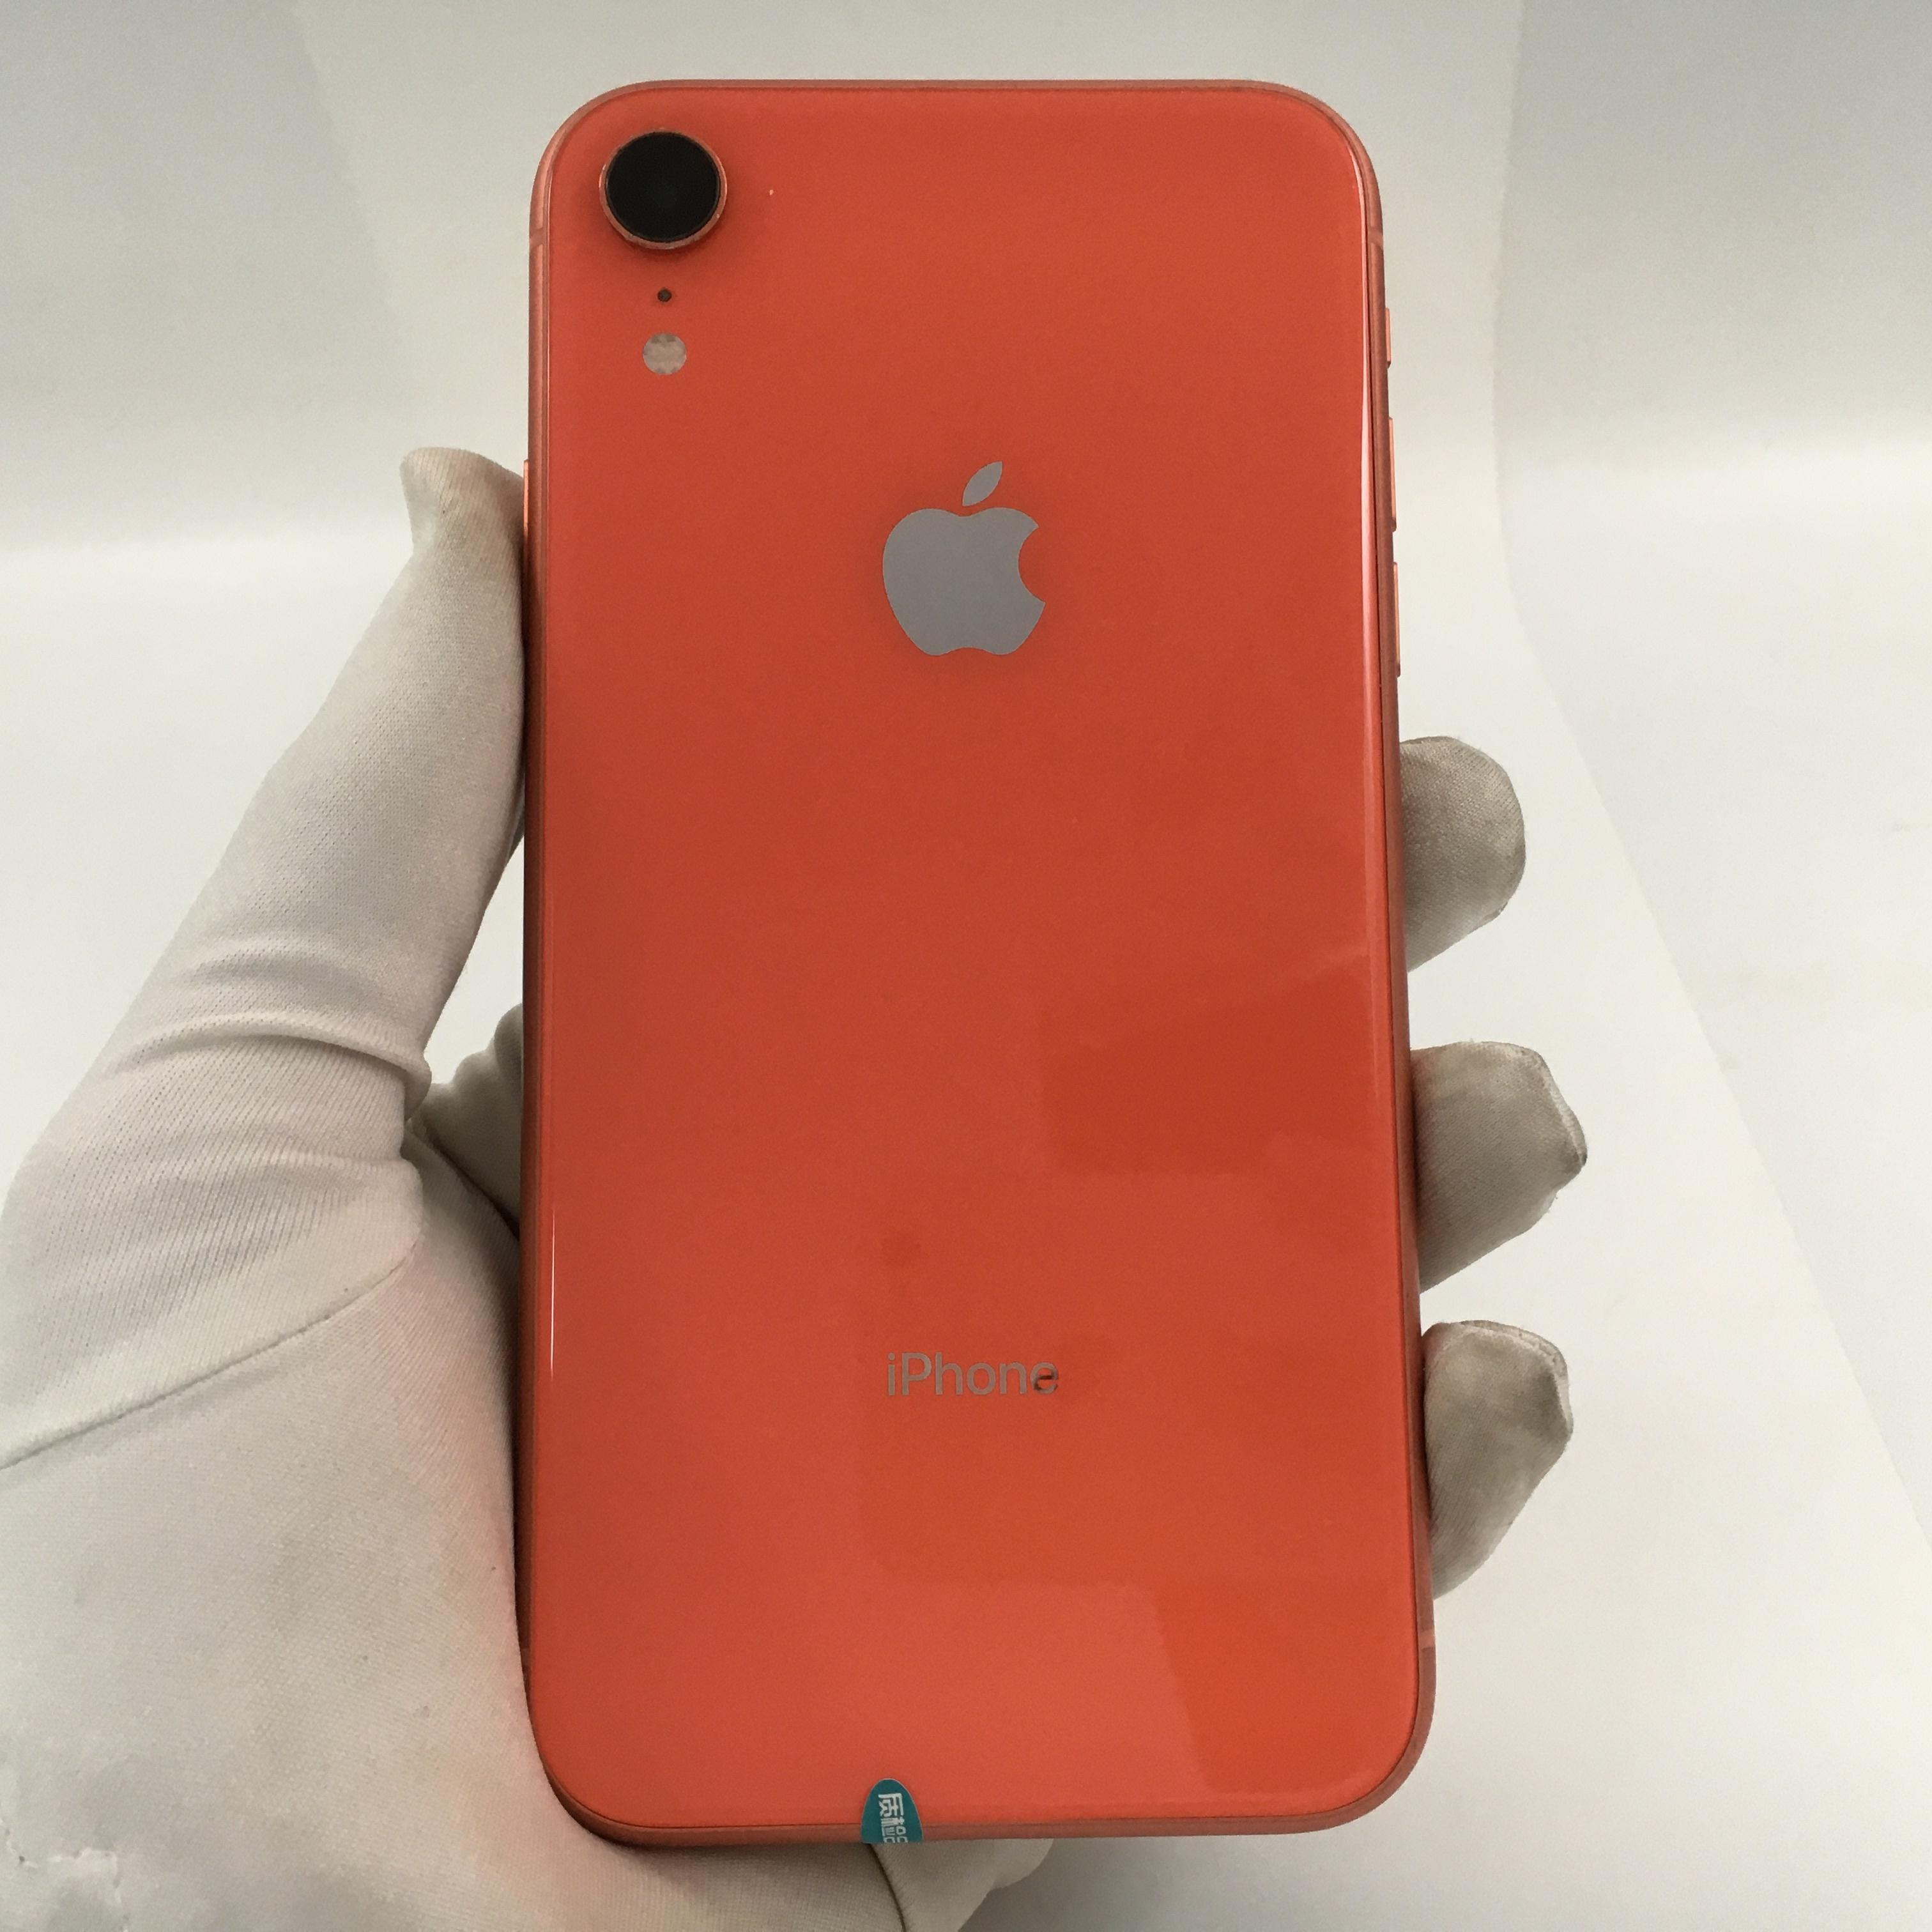 苹果【iPhone XR】4G全网通 珊瑚色 64G 国行 9成新